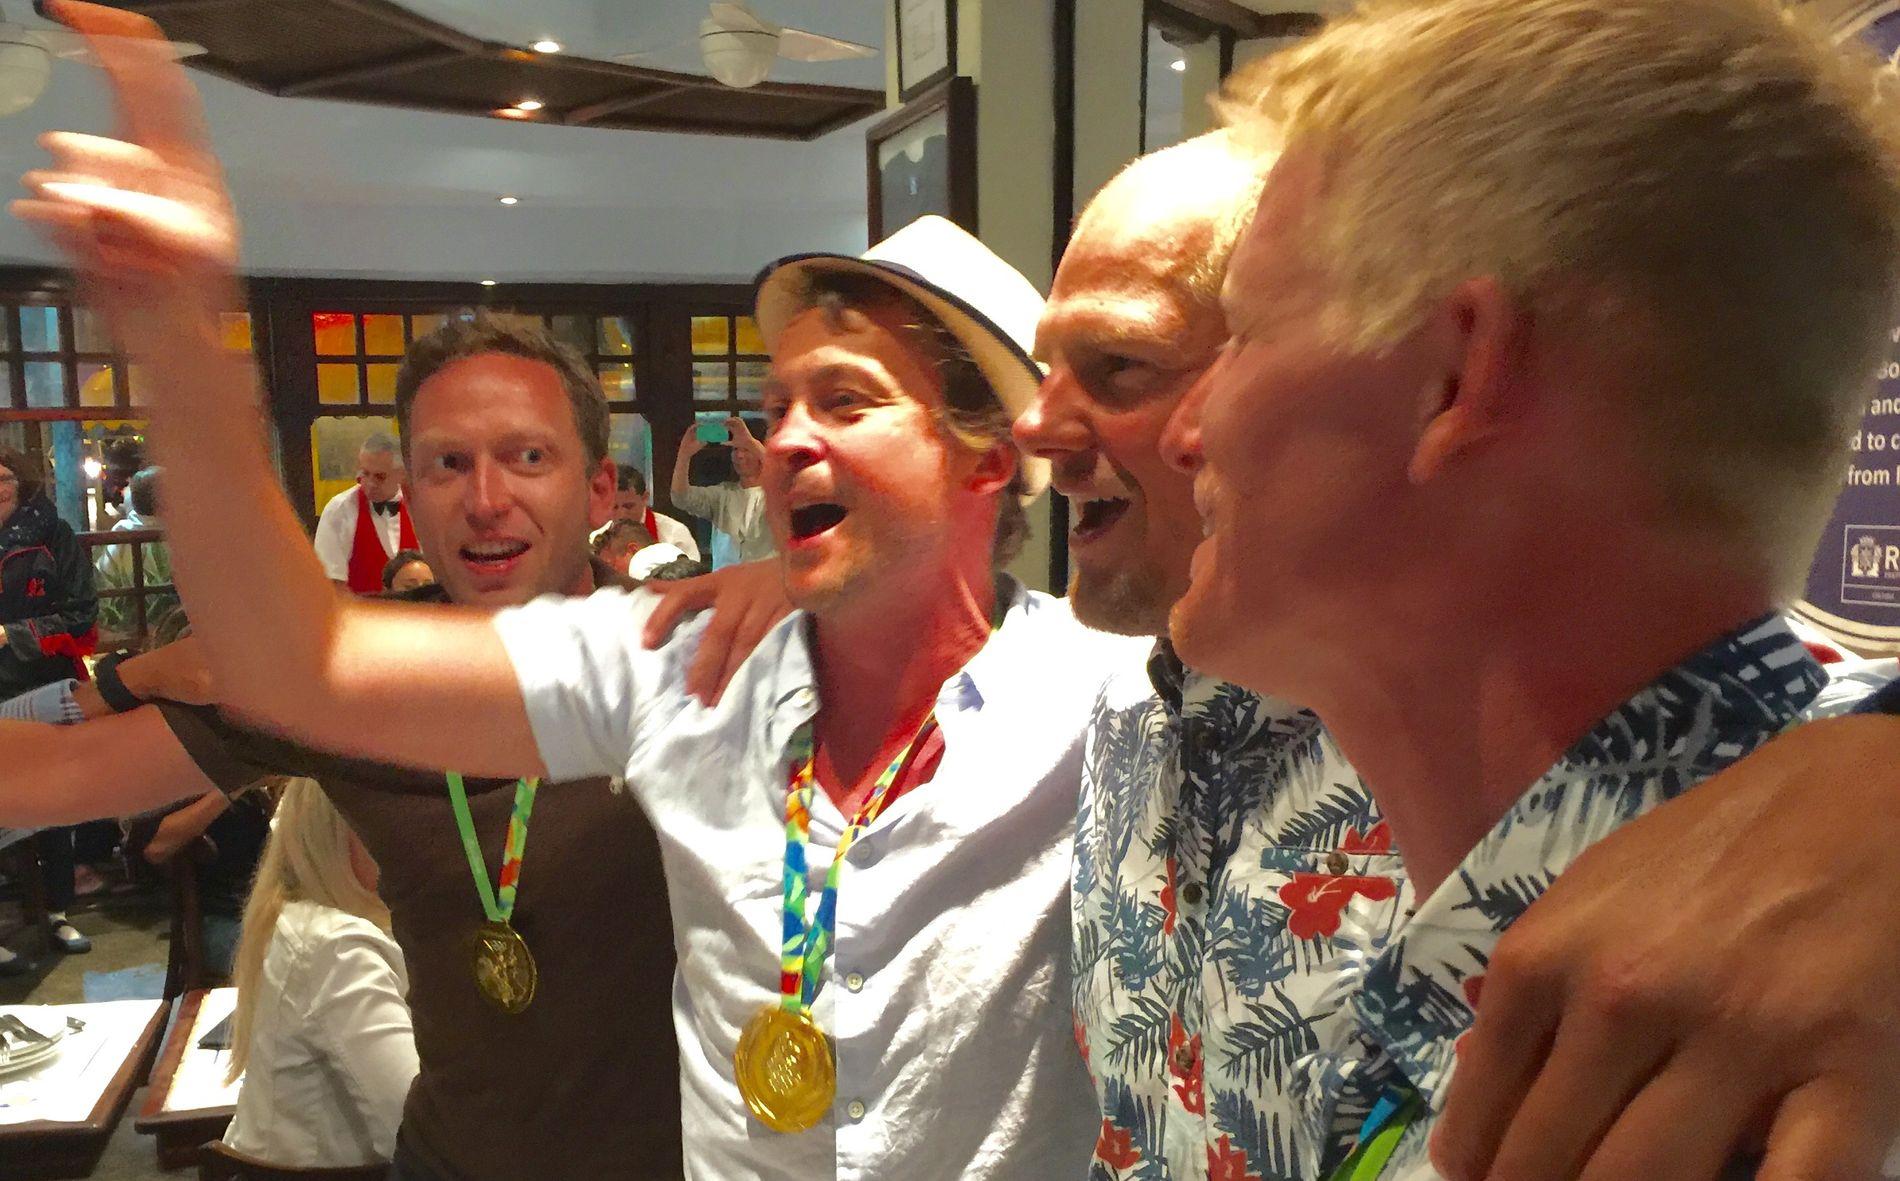 ALLSANG PÅ GRENSEN: Kompisene til Olaf Tufte og Kjetil Borch fra Horten dro i gang allsang på restauranten Garota de Ipanema. Her representert ved Asbjørn Hansen (til venstre) og Øyvind Tomter.